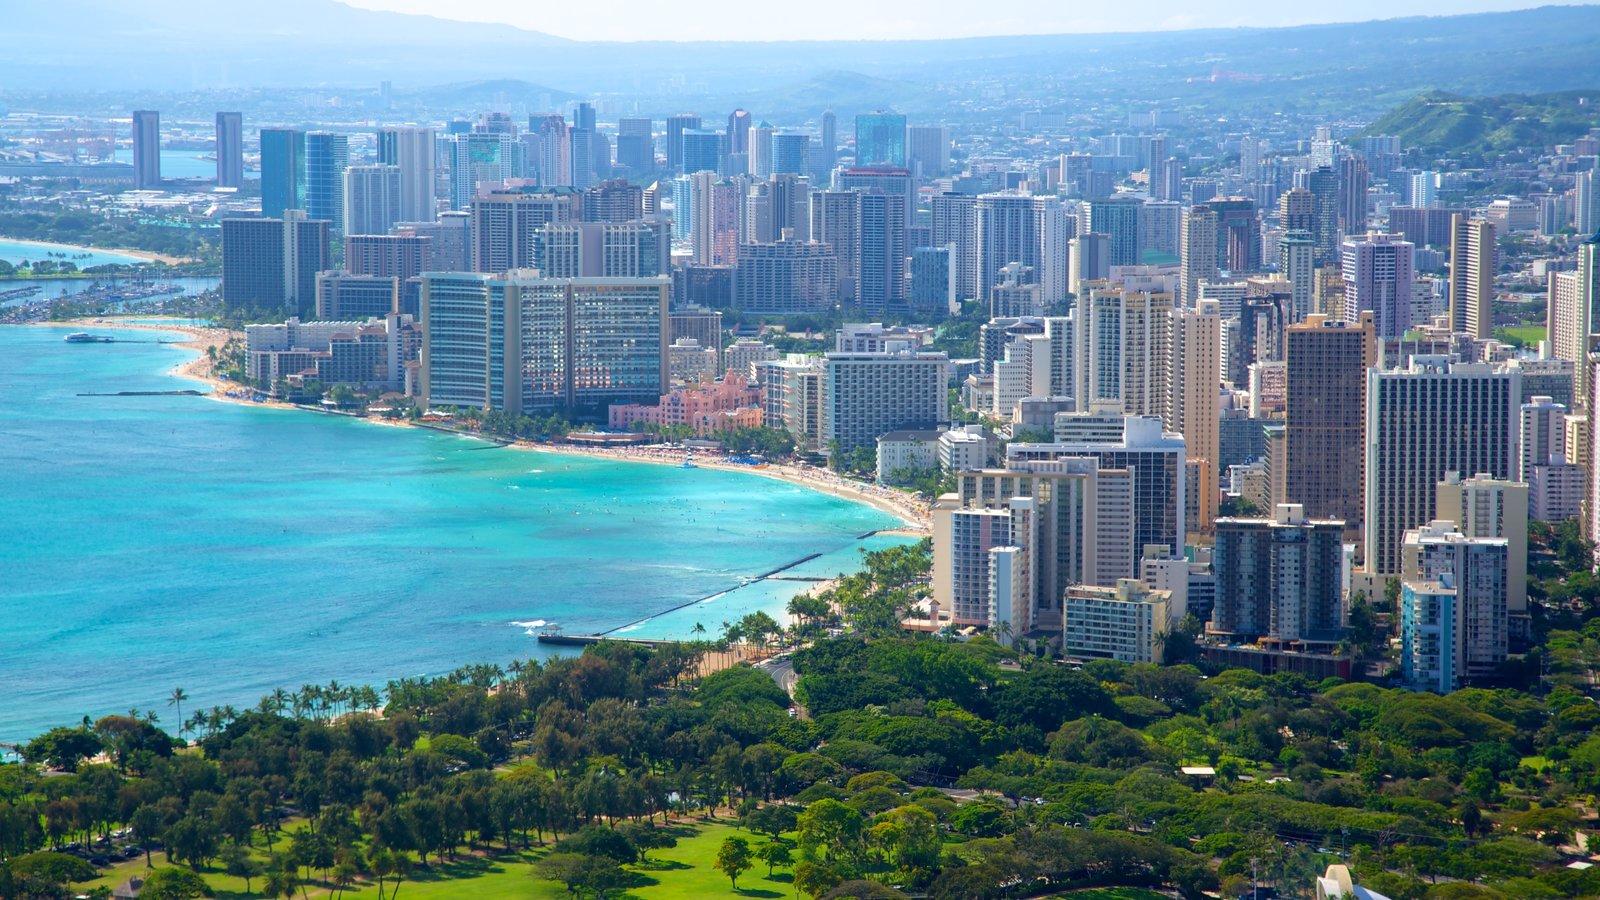 Honolulu caracterizando cenas tropicais, um edifício e paisagens litorâneas